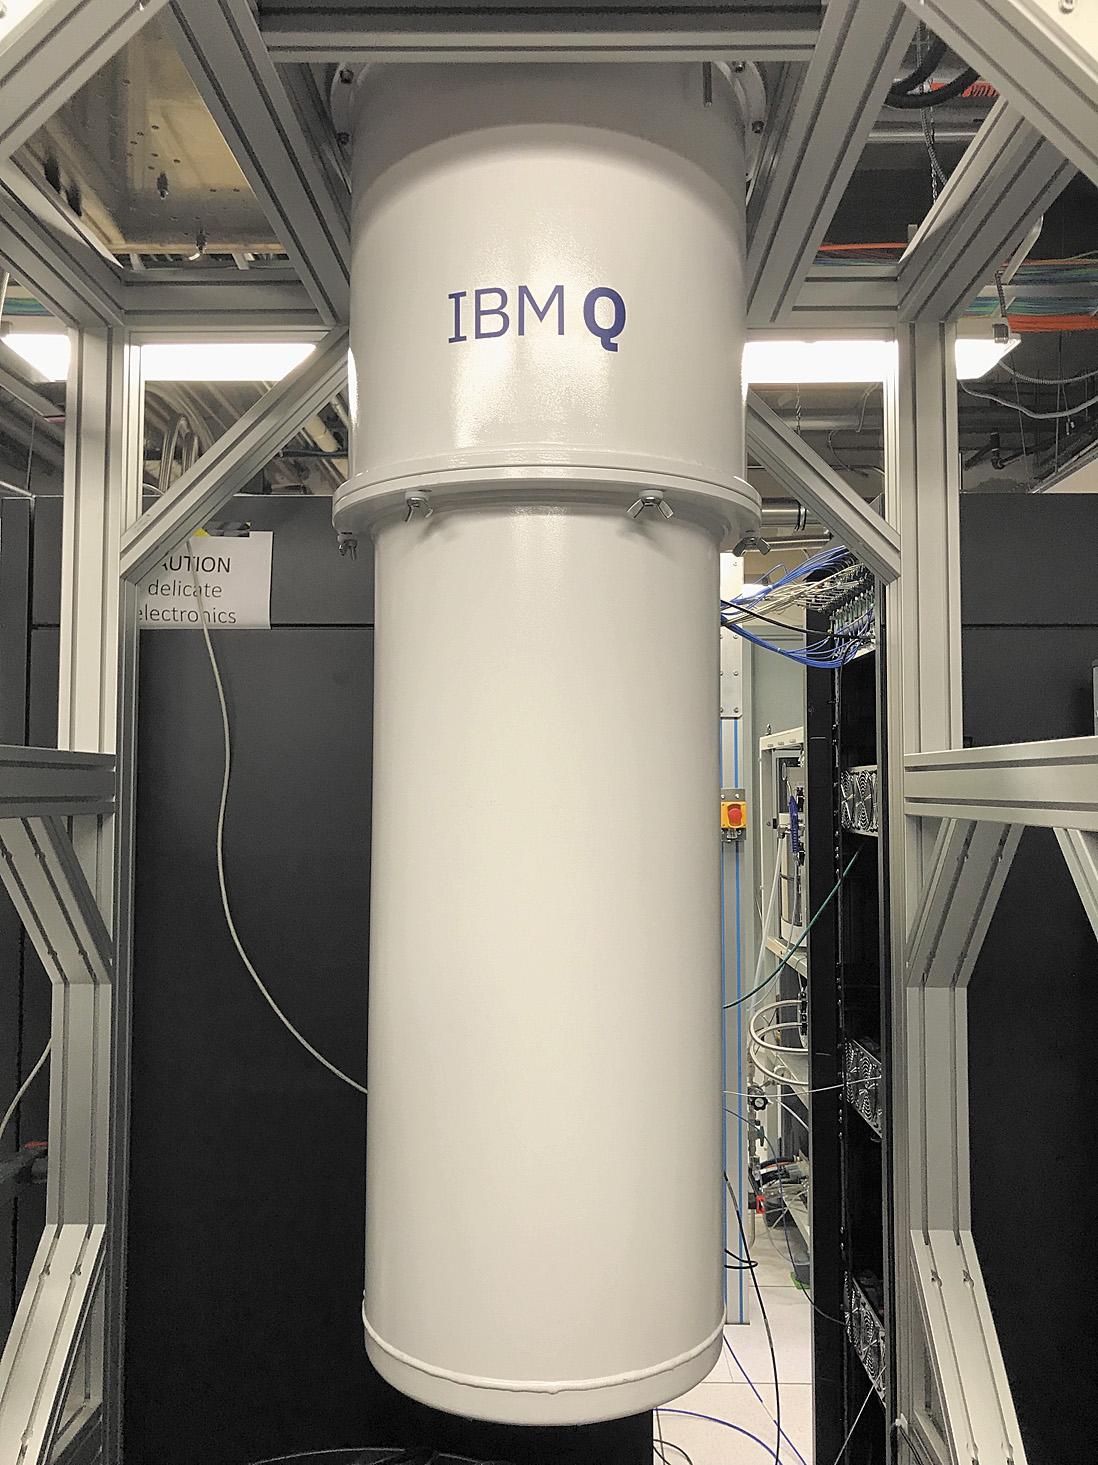 Внешний вид квантового процессораIBM,размещенноговнутри криогеннойустановкиOxfordTriton dilutionrefrigerator